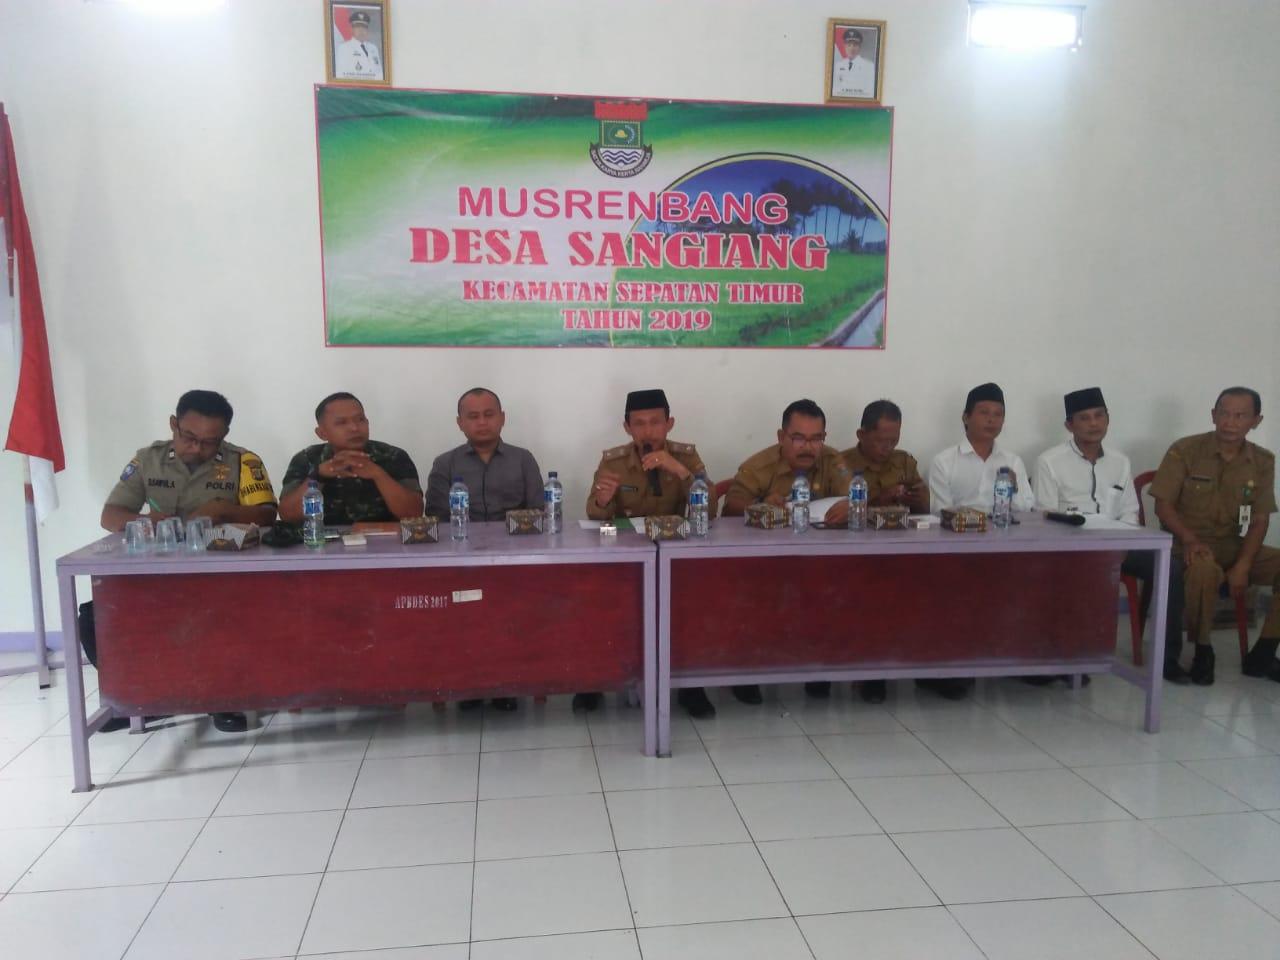 Desa Sangiang Laksanakan Musrenbang Desa